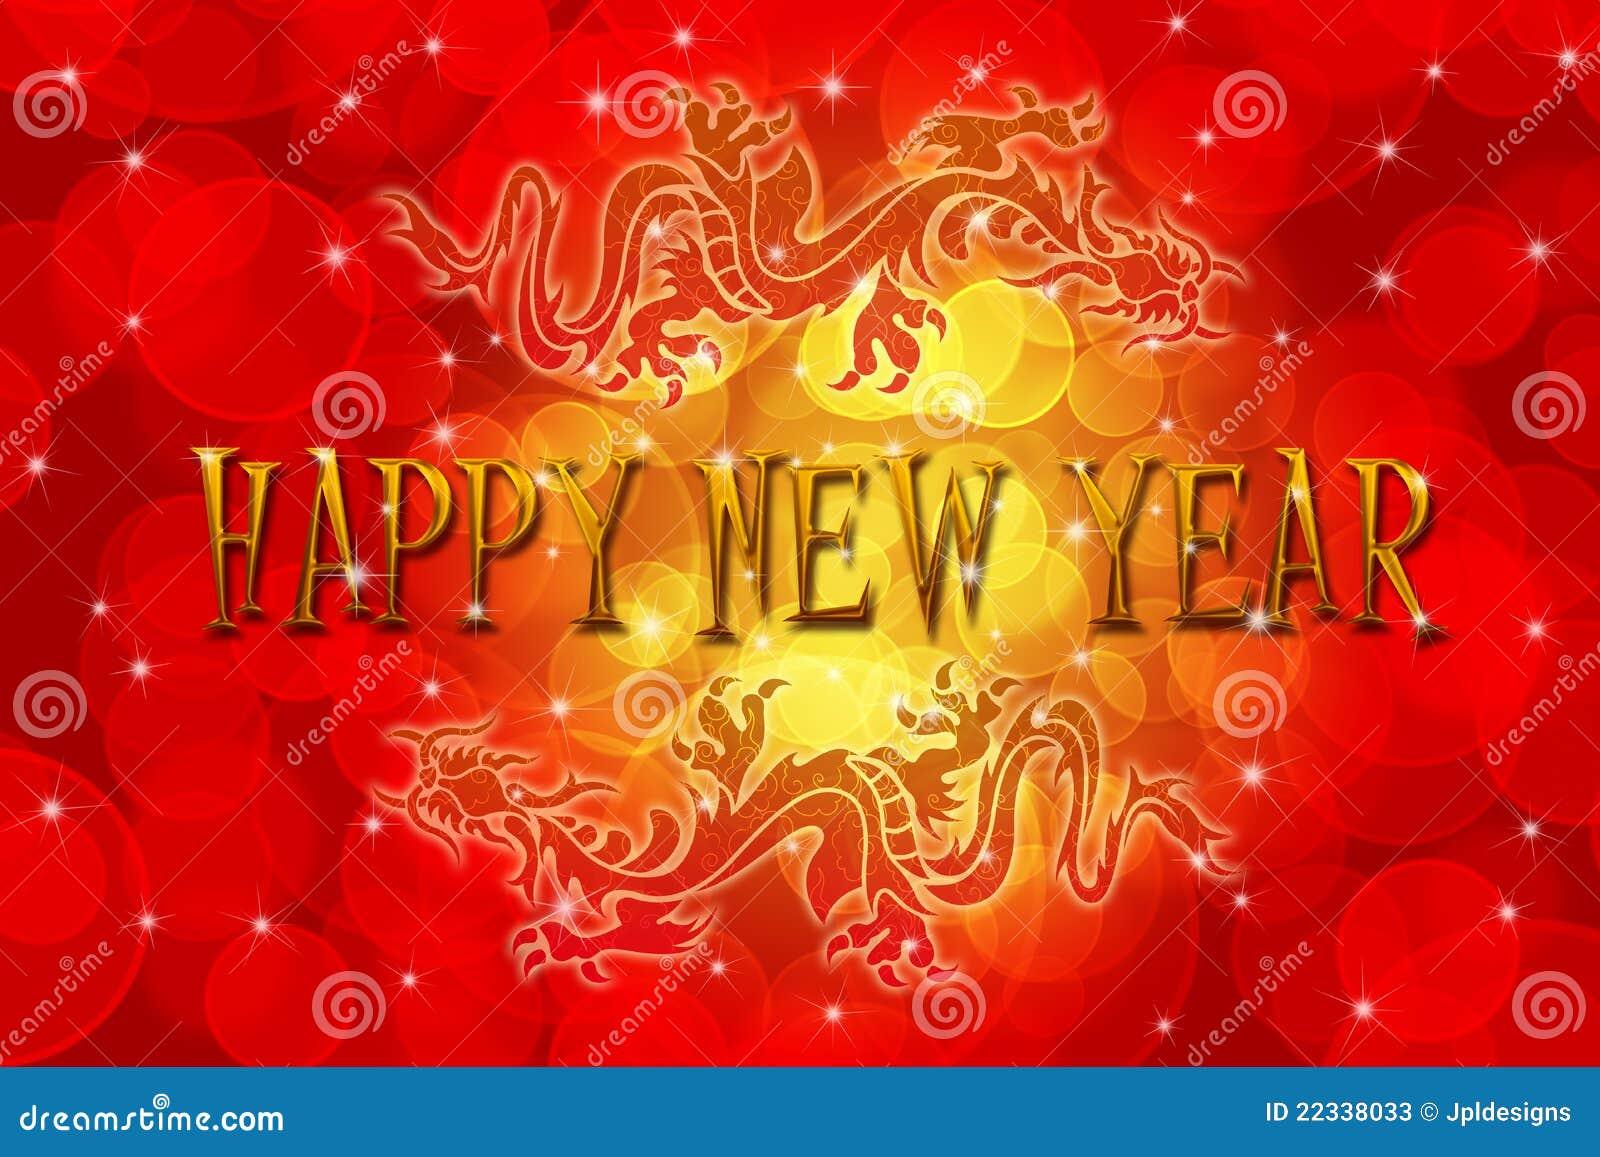 Doppelter Chinesischer Drache Mit Glückliches Neues Jahr-Wünschen ...